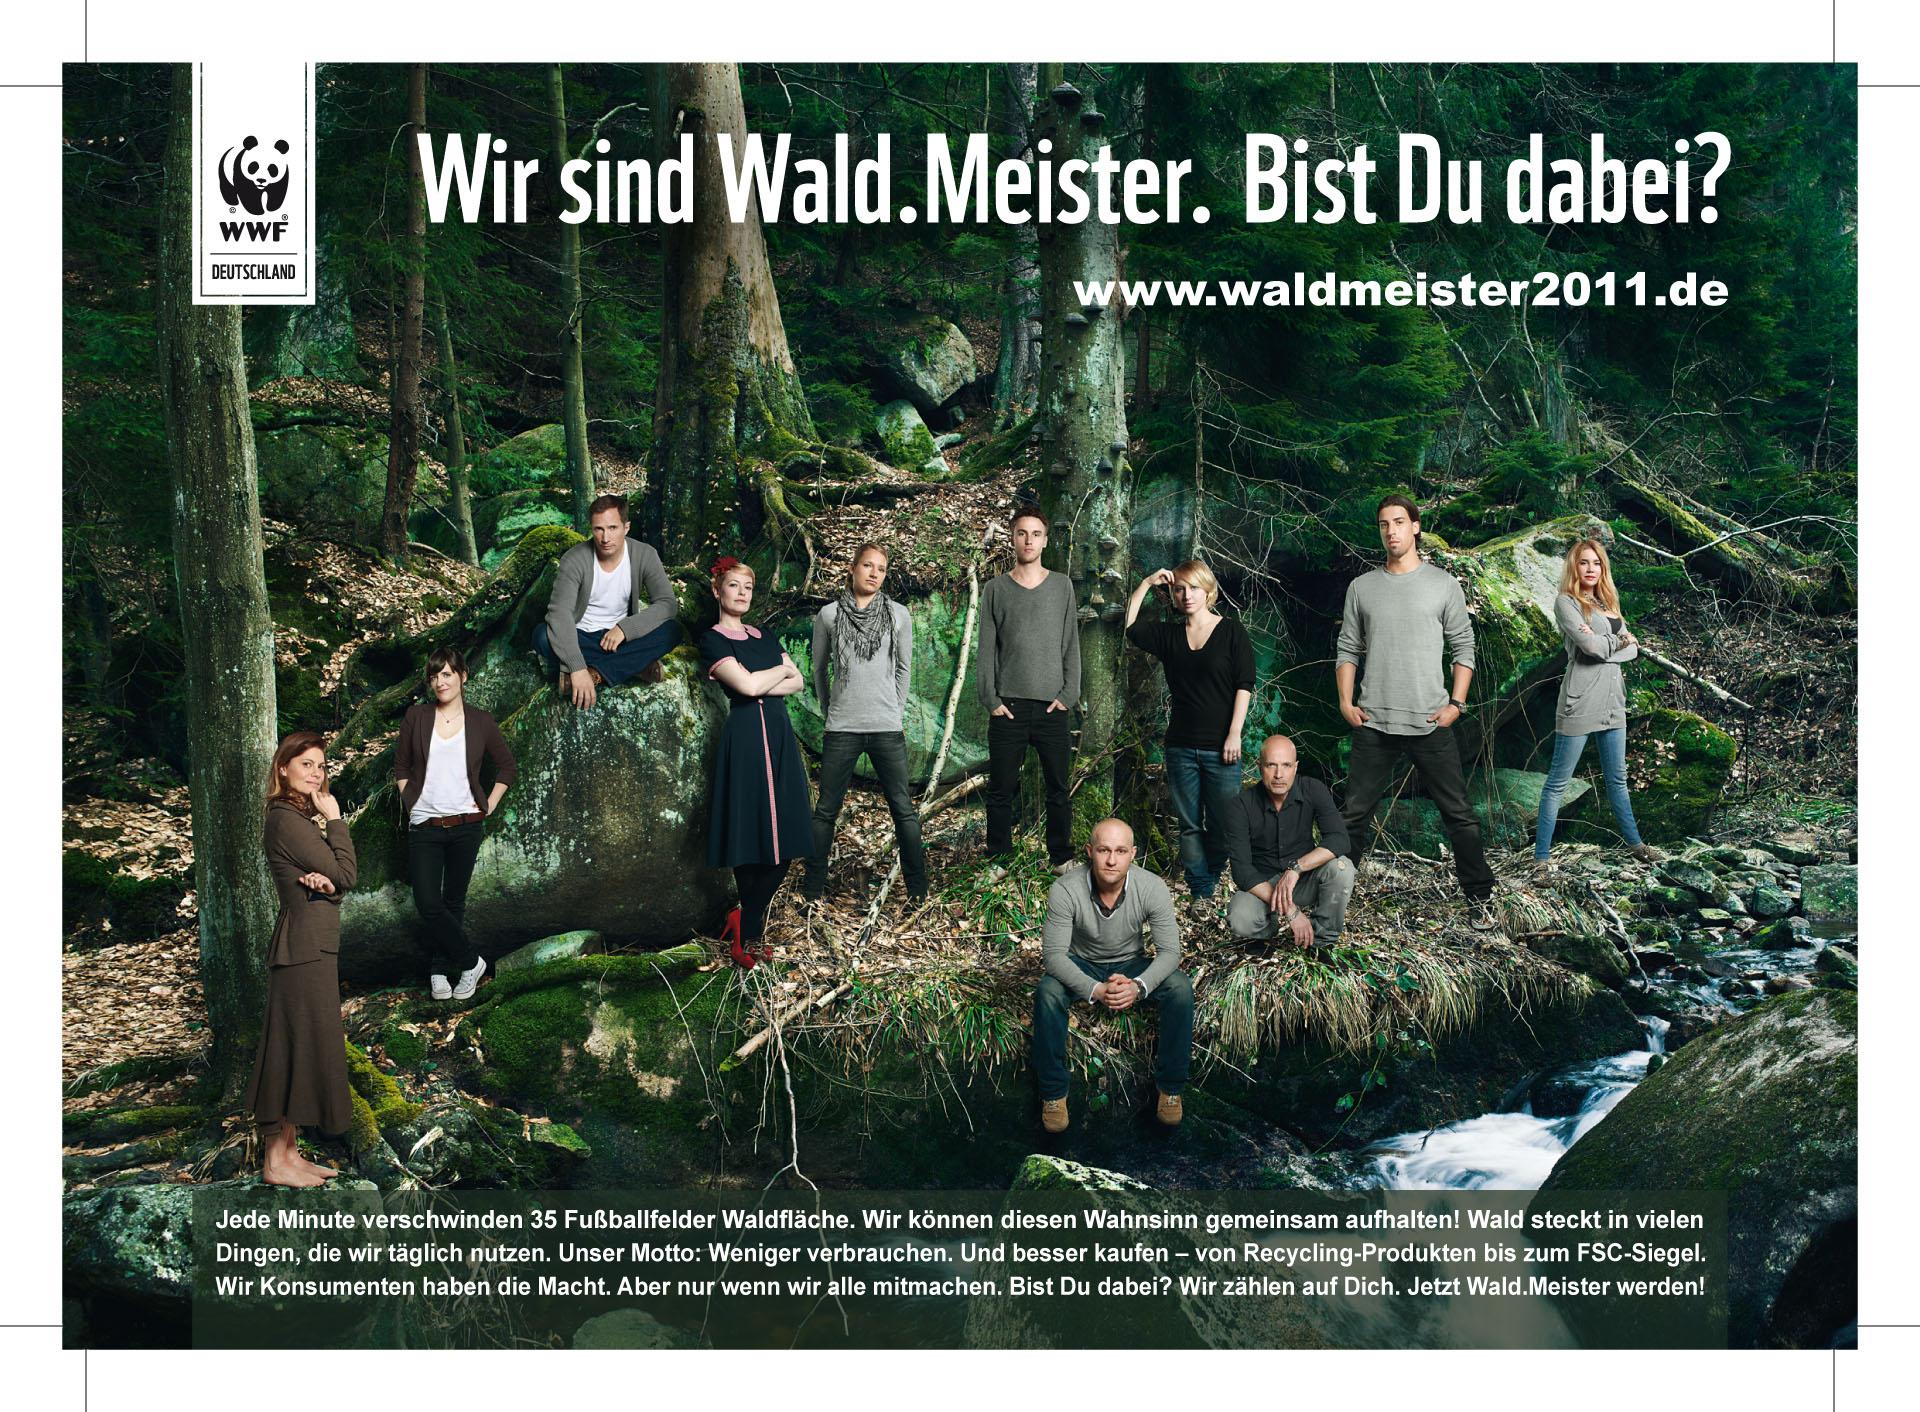 WWF WaldMeister DINA6 print 1 Deutschland wird Wald.Meister 2011